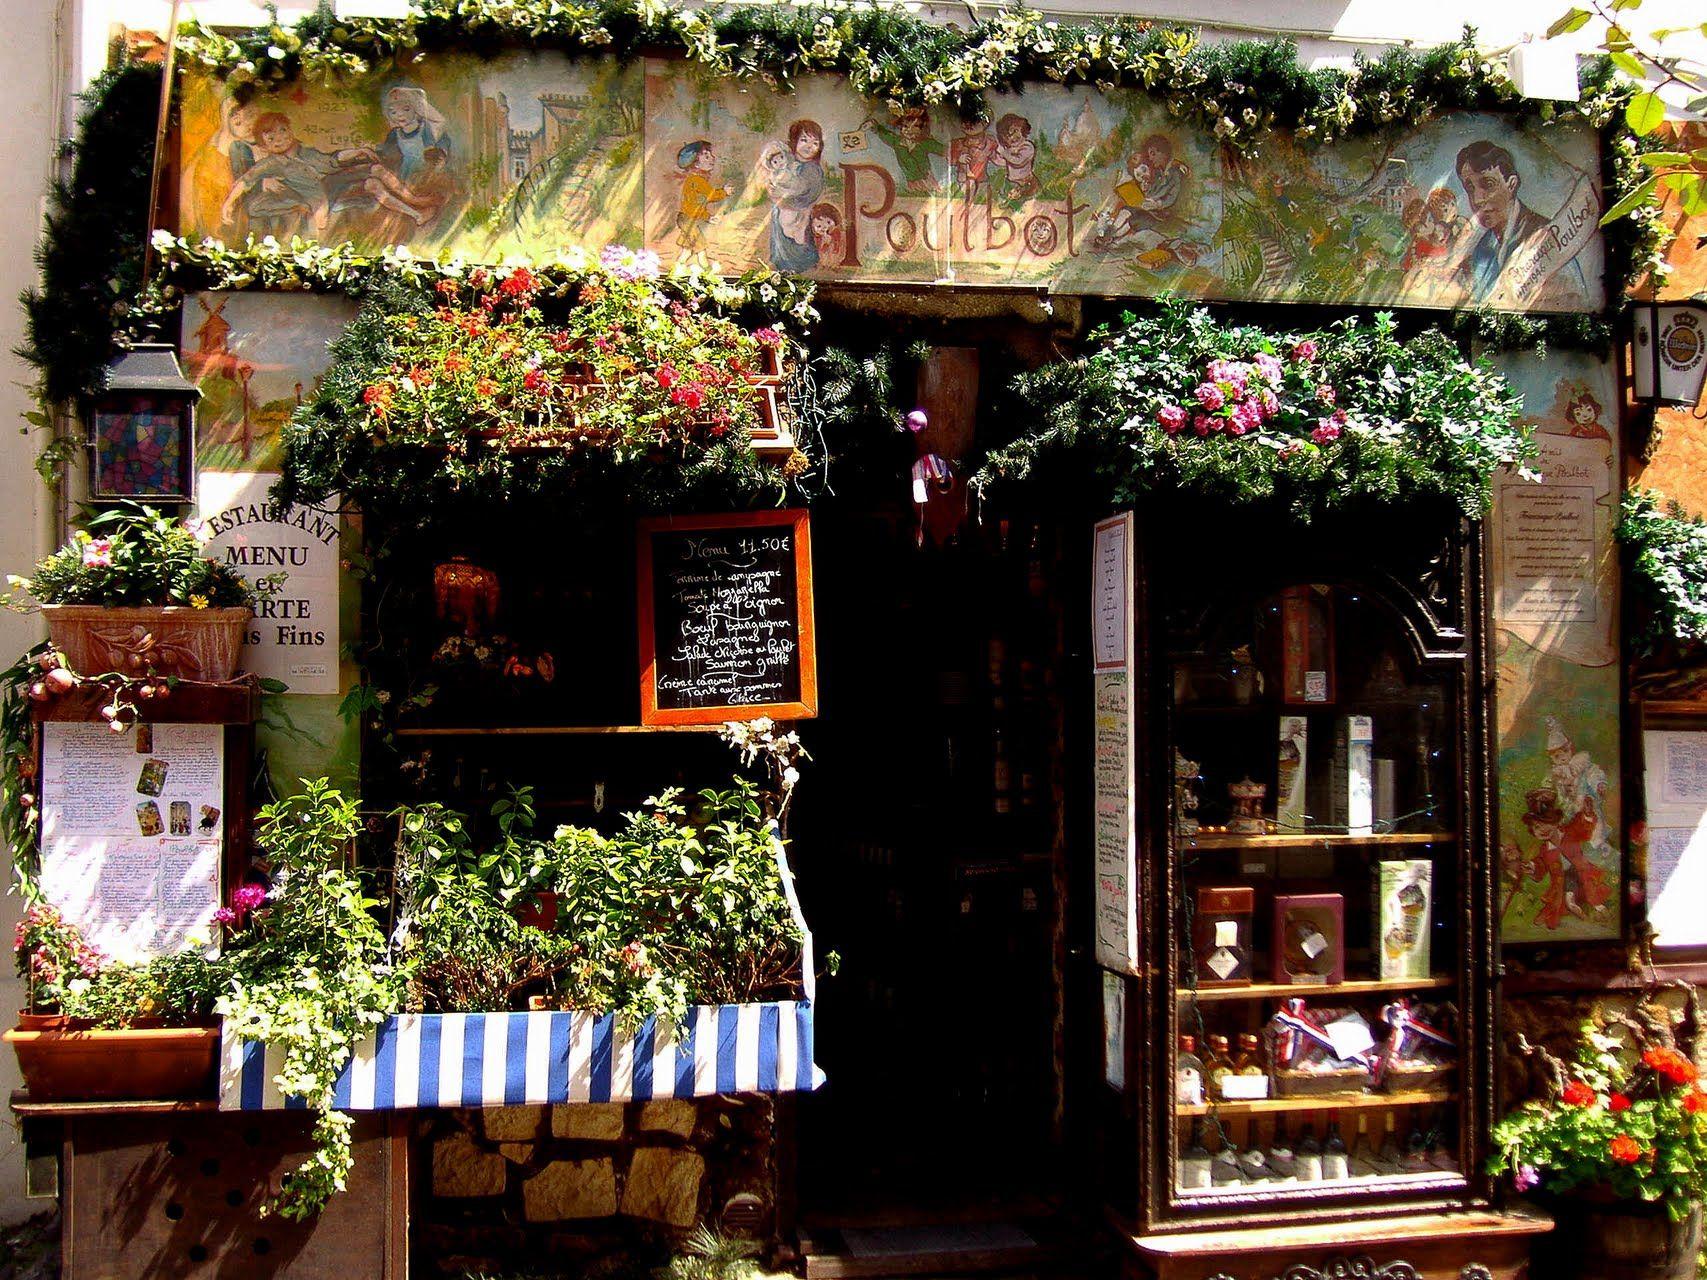 Le poulbot montmartre parigi quaint restaurant museum for Le miroir restaurant montmartre